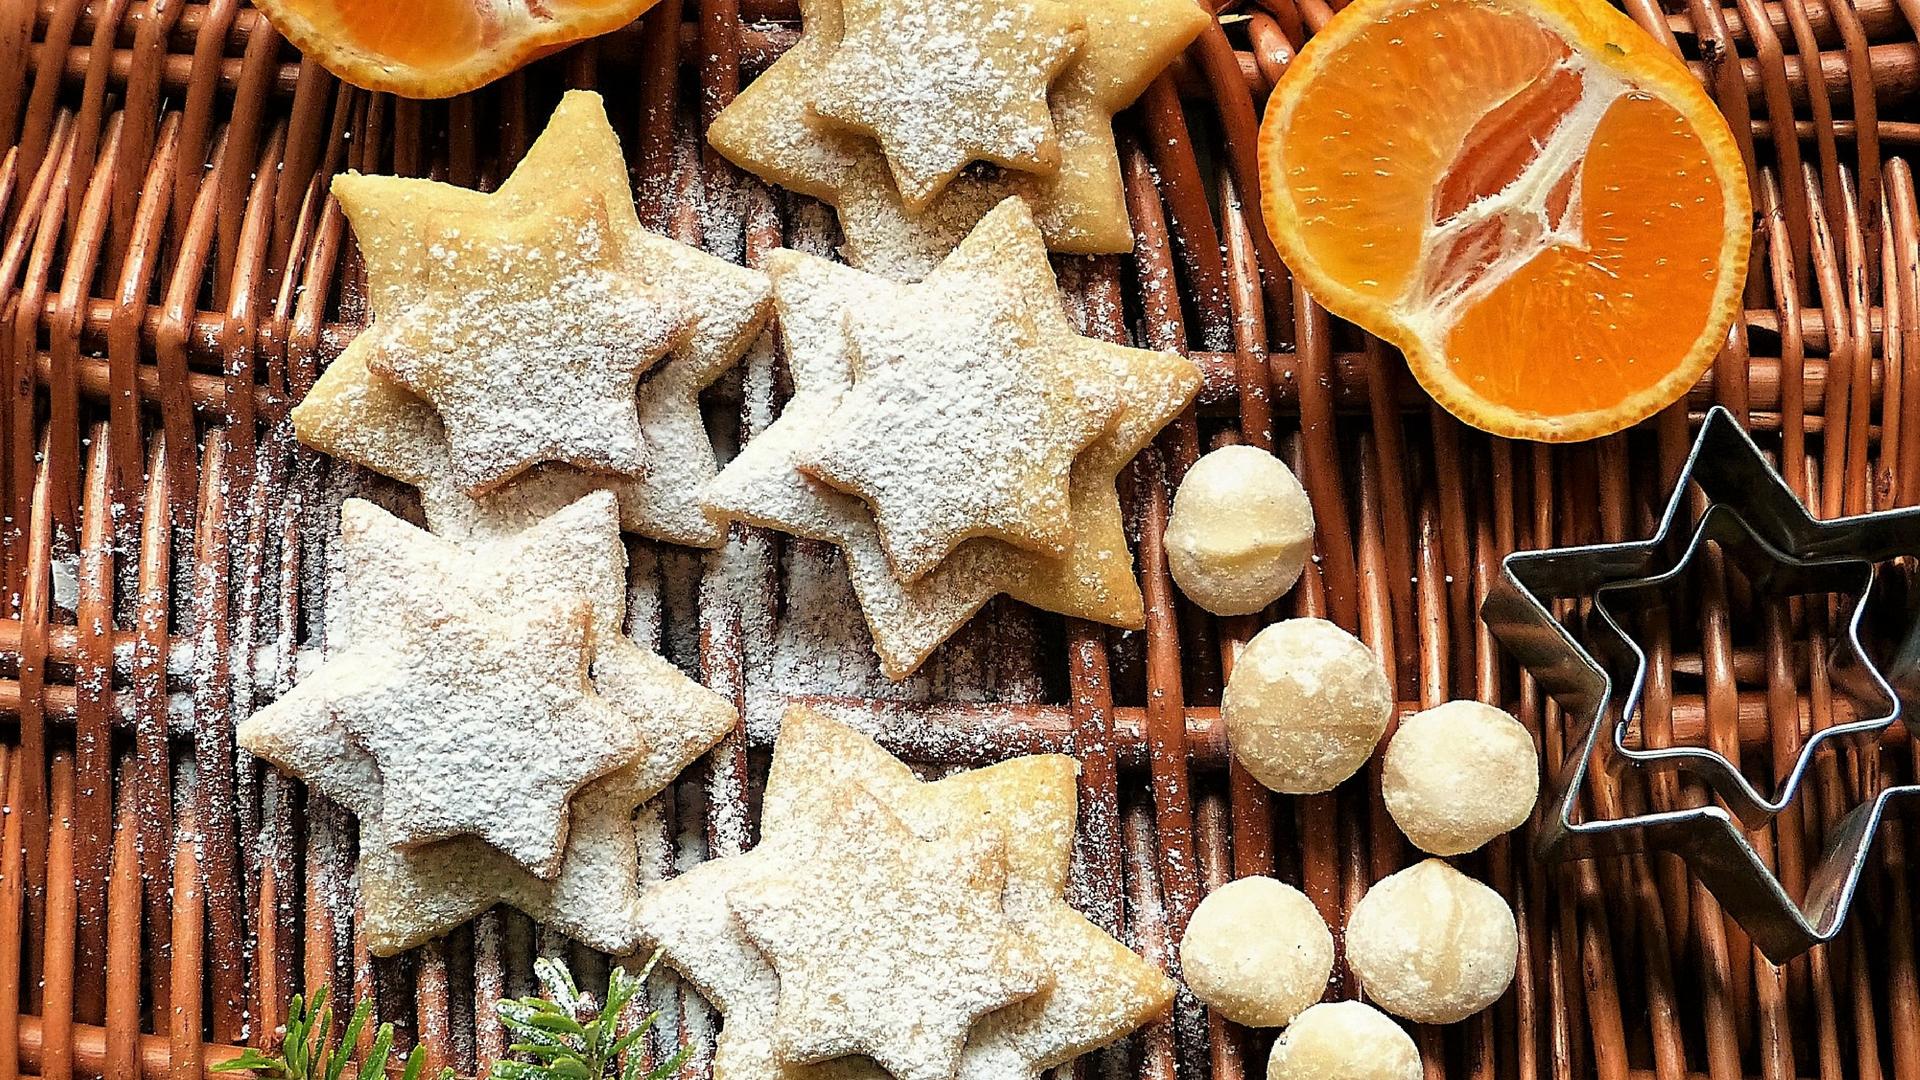 O du fröhliche stressige Weihnachtszeit – 6 Tipps gegen Weihnachtsstress